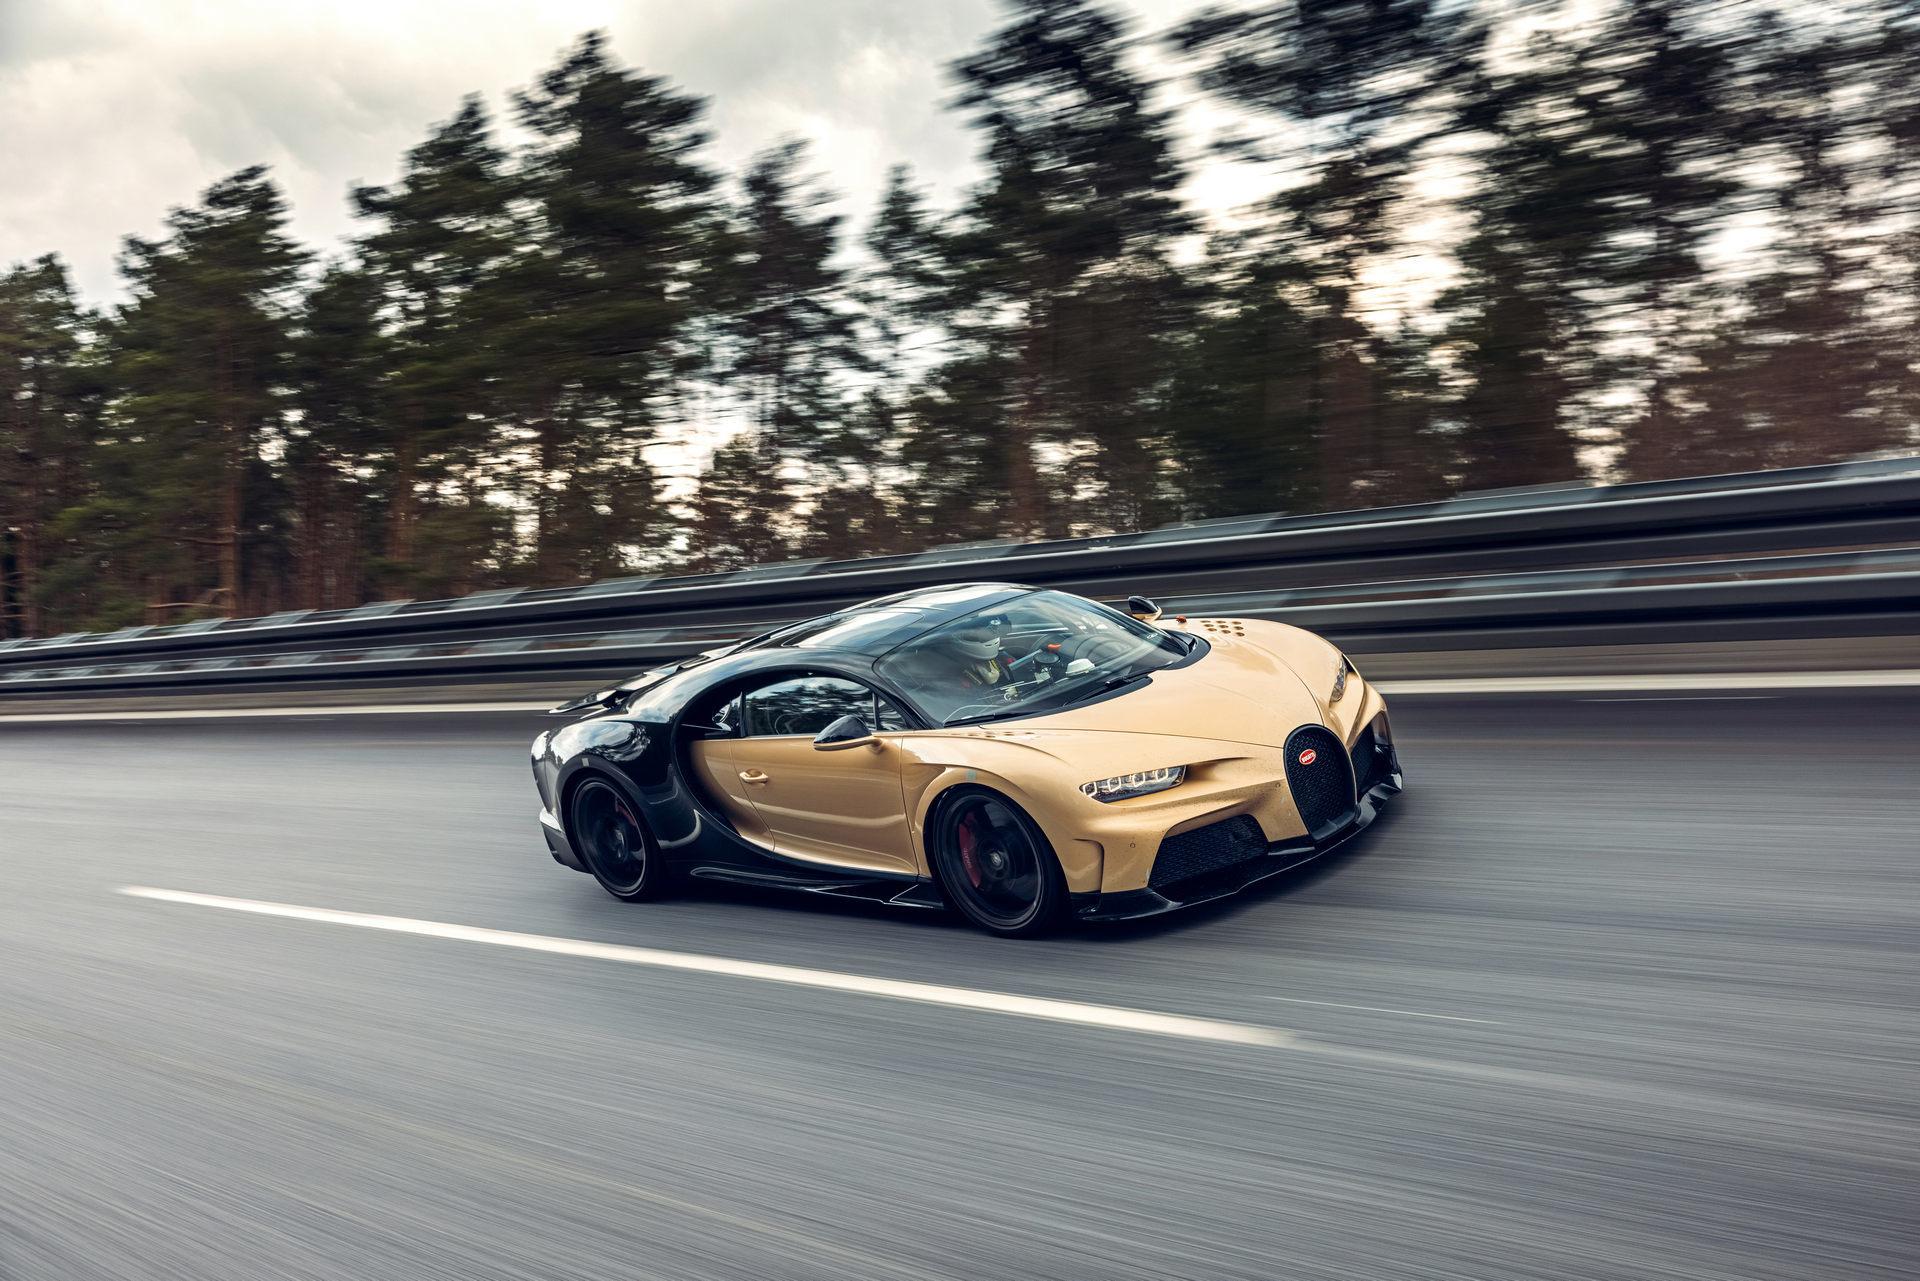 Hé lộ hình ảnh siêu xe Bugatti đang chạy thử với tốc độ 440 km/h